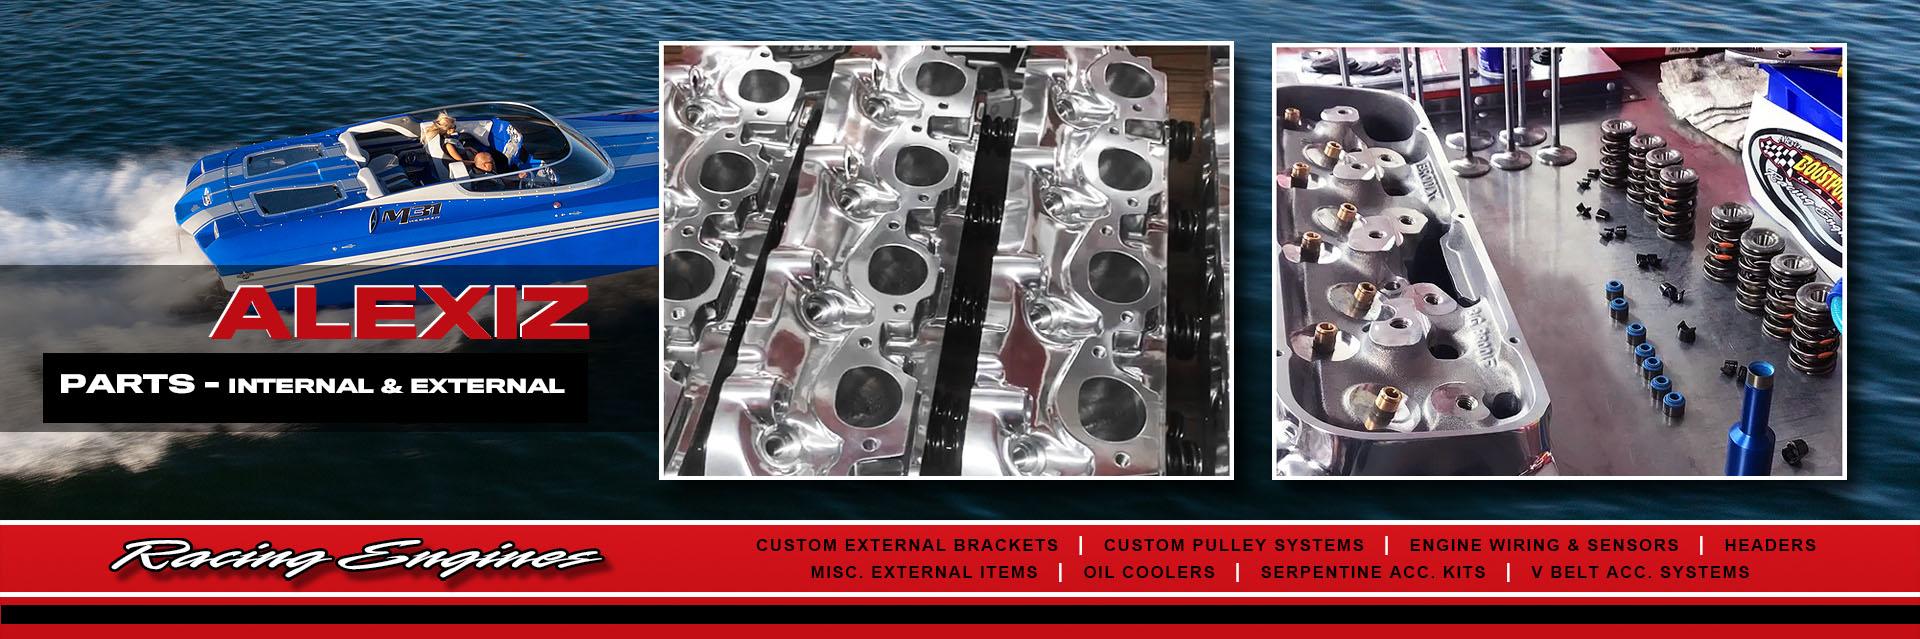 boostpower-parts.jpg